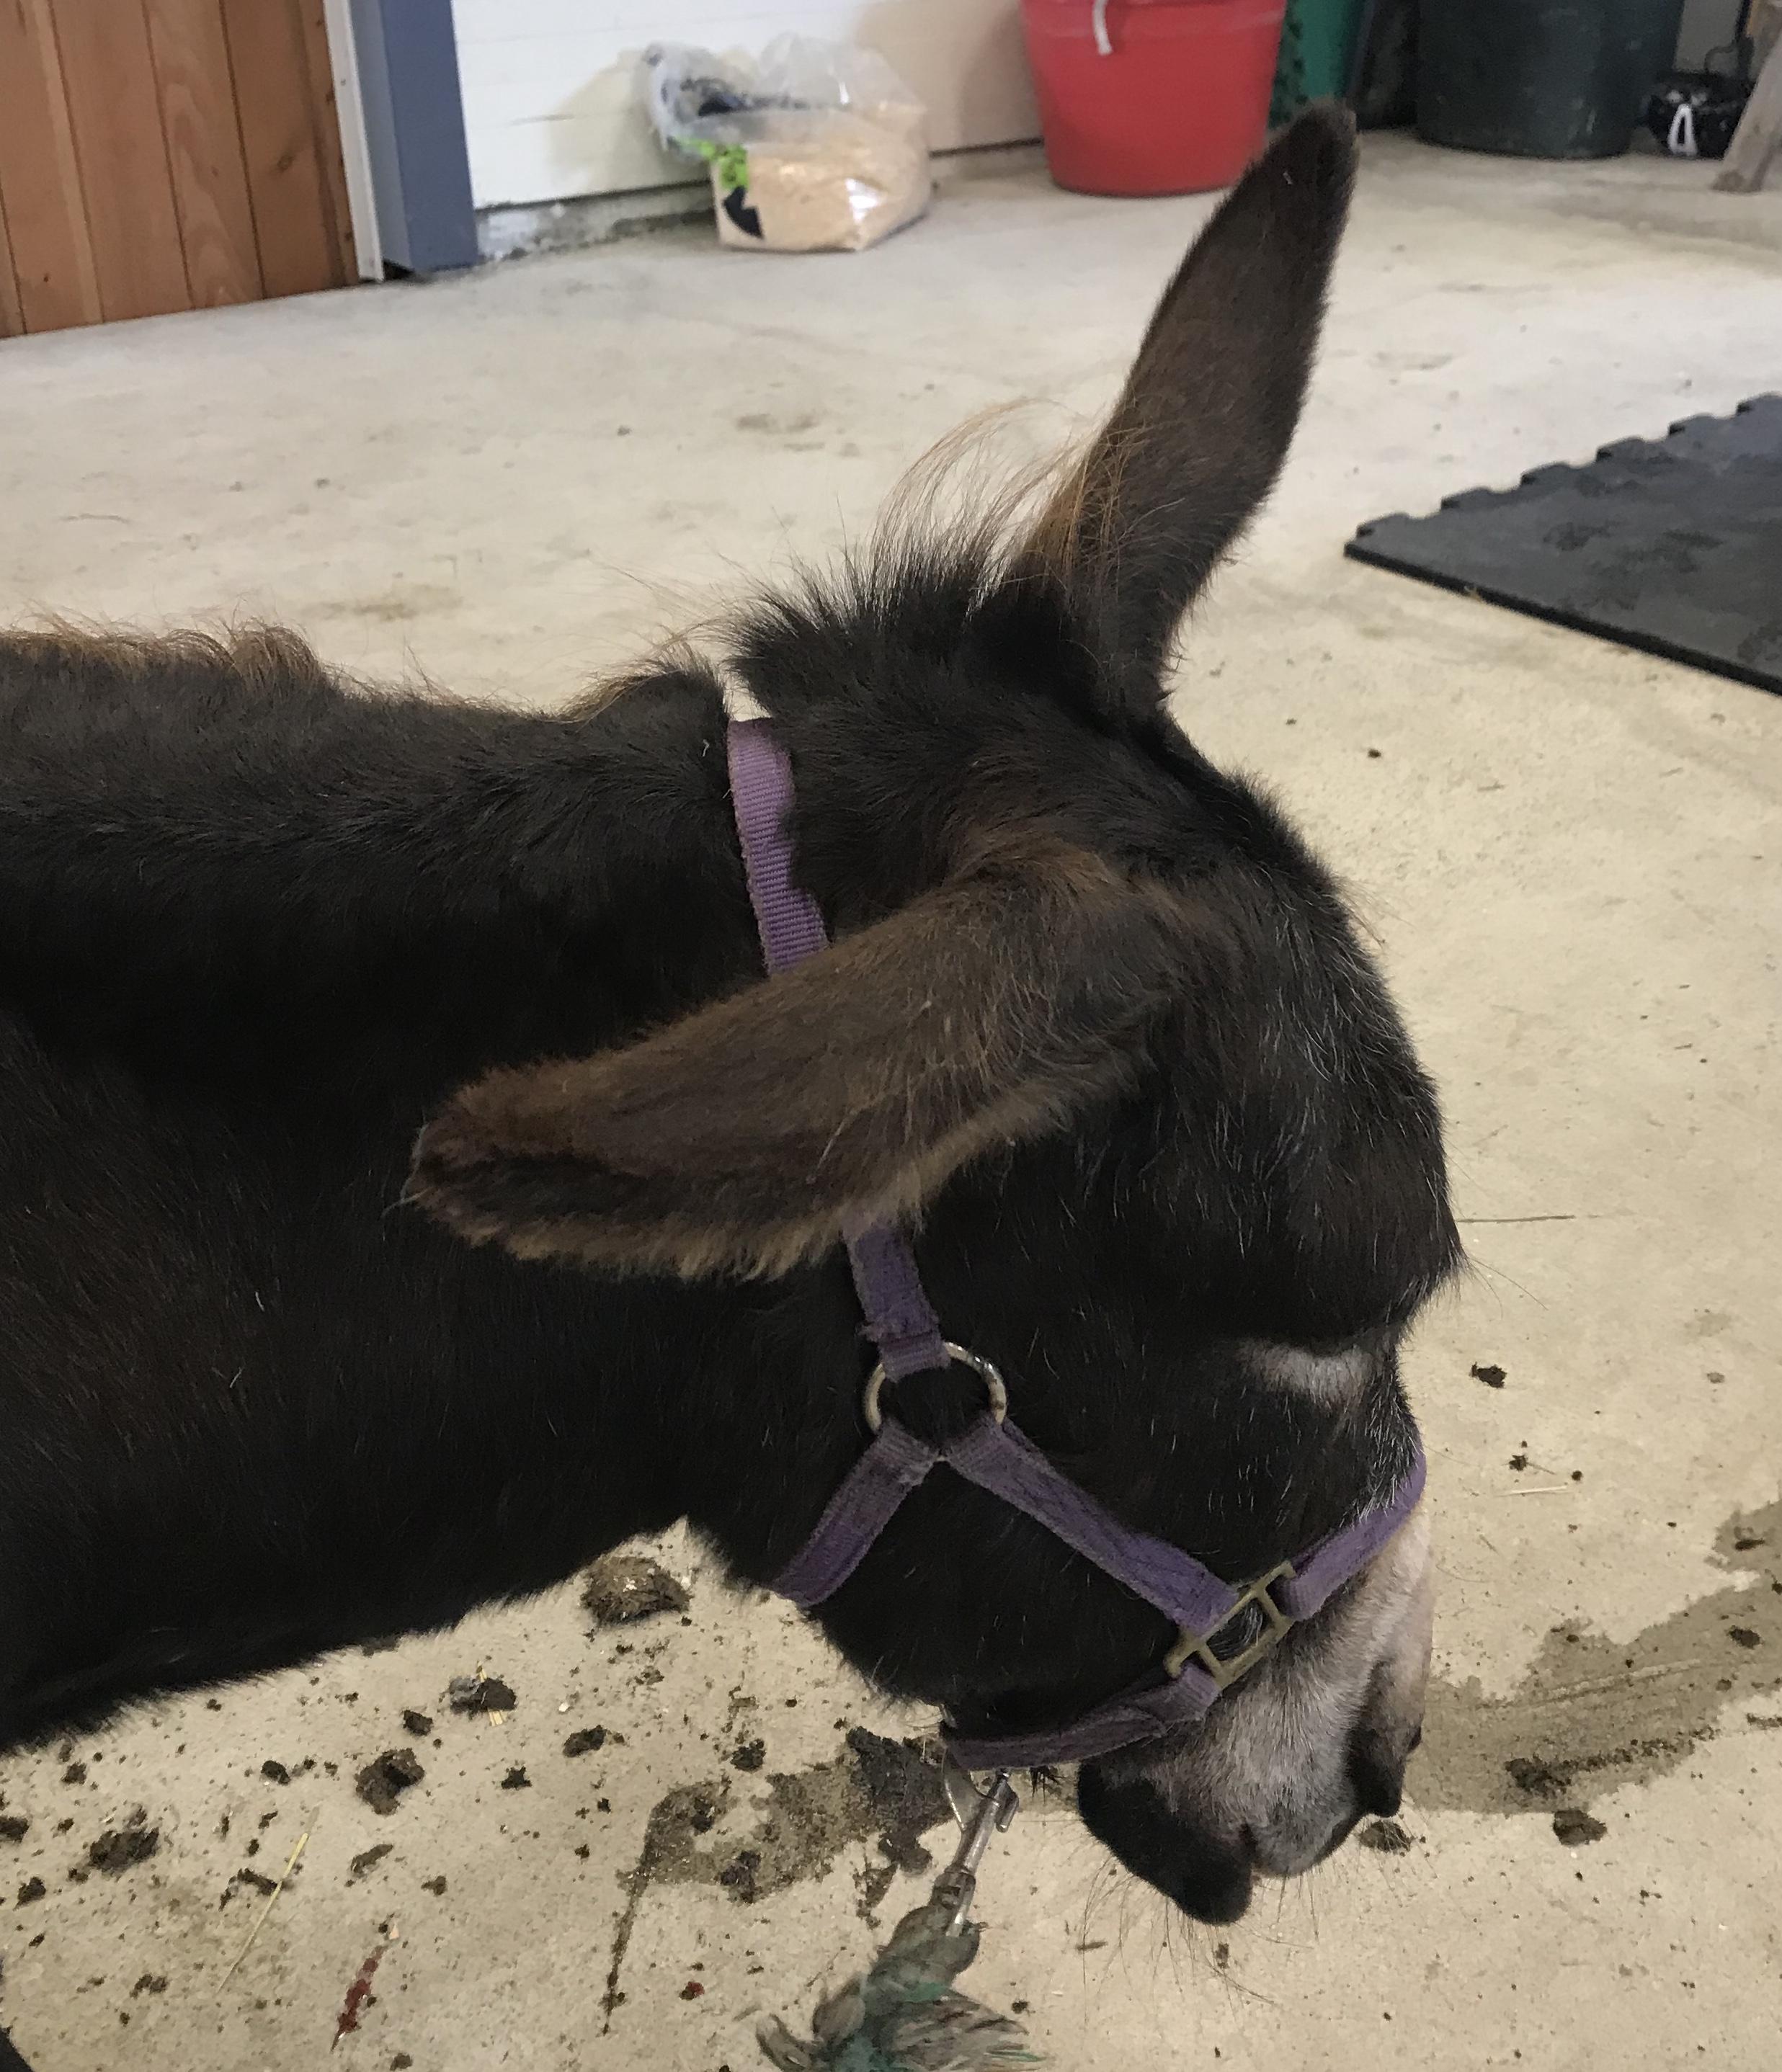 Olivia's ears